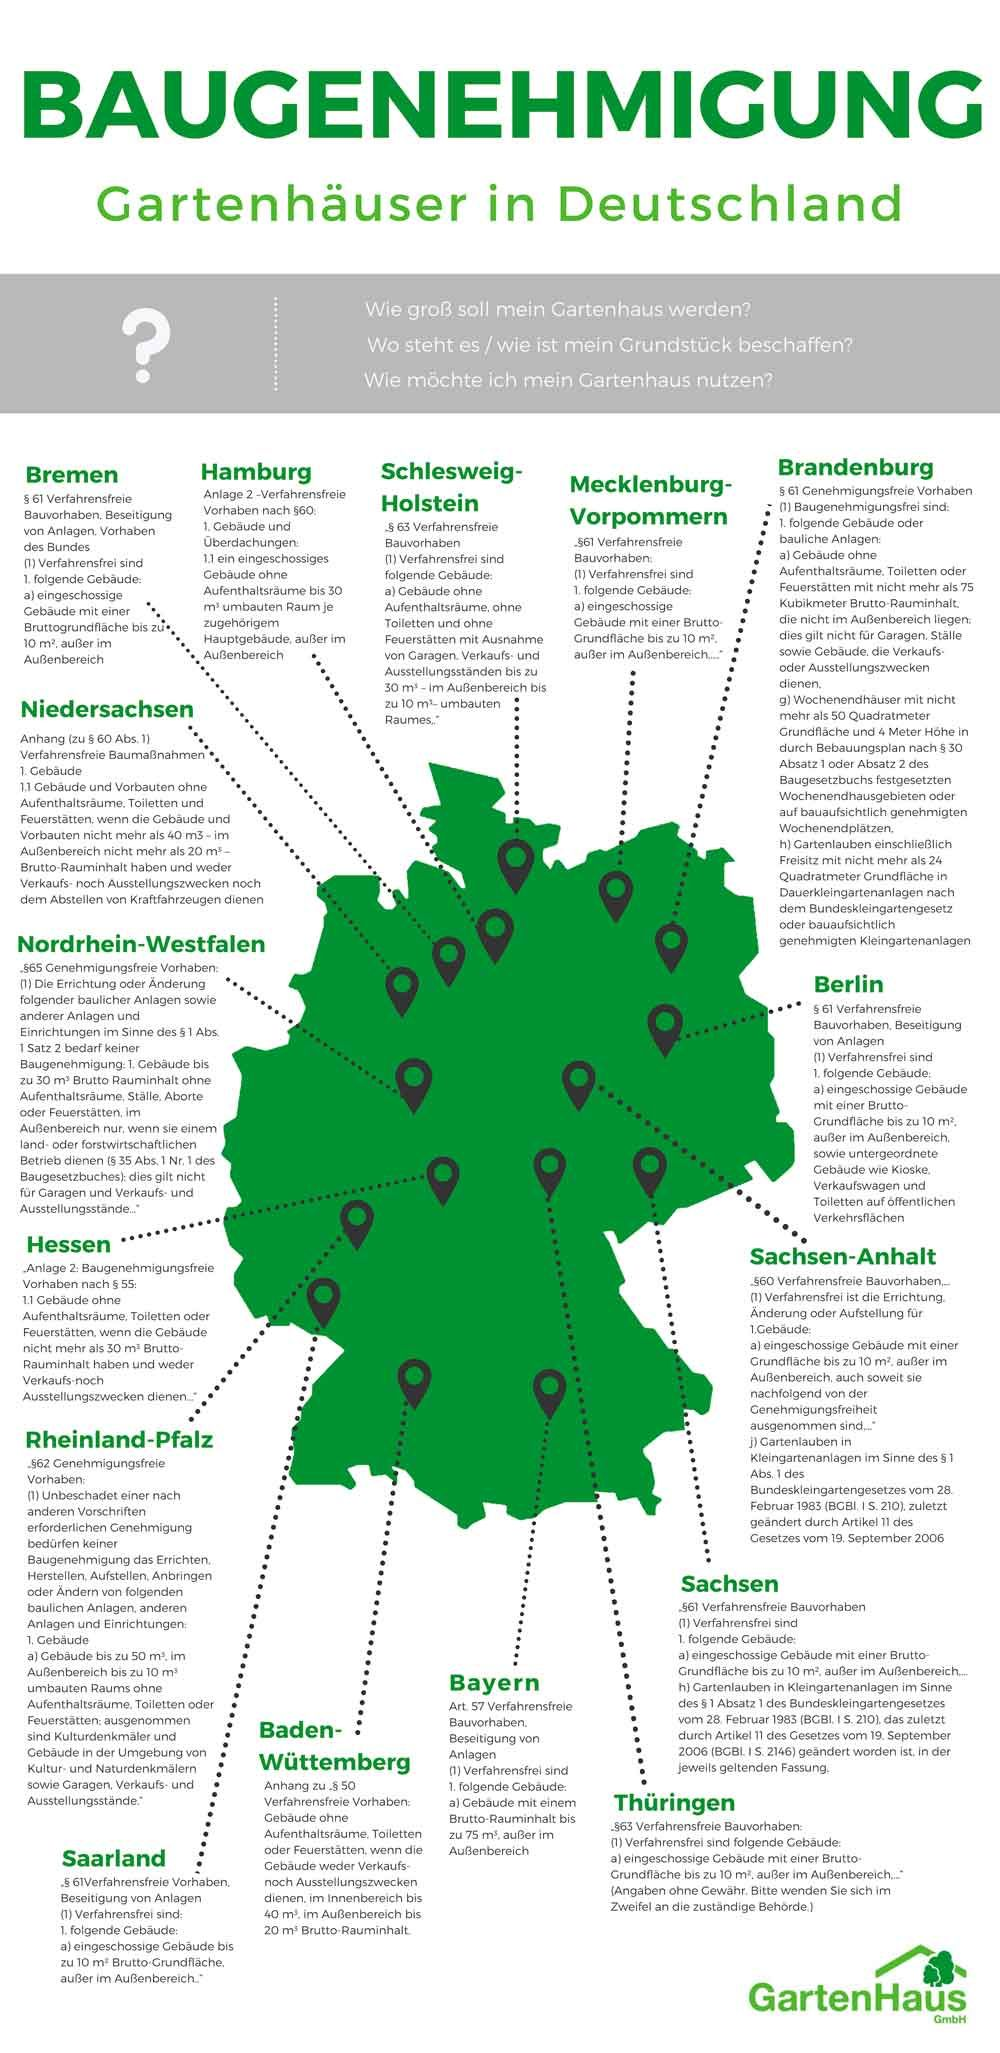 Gartenhaus Baugenehmigung In Deutschland Gartenhaus Gartenhaus Selber Bauen Gartenhaus Bauen